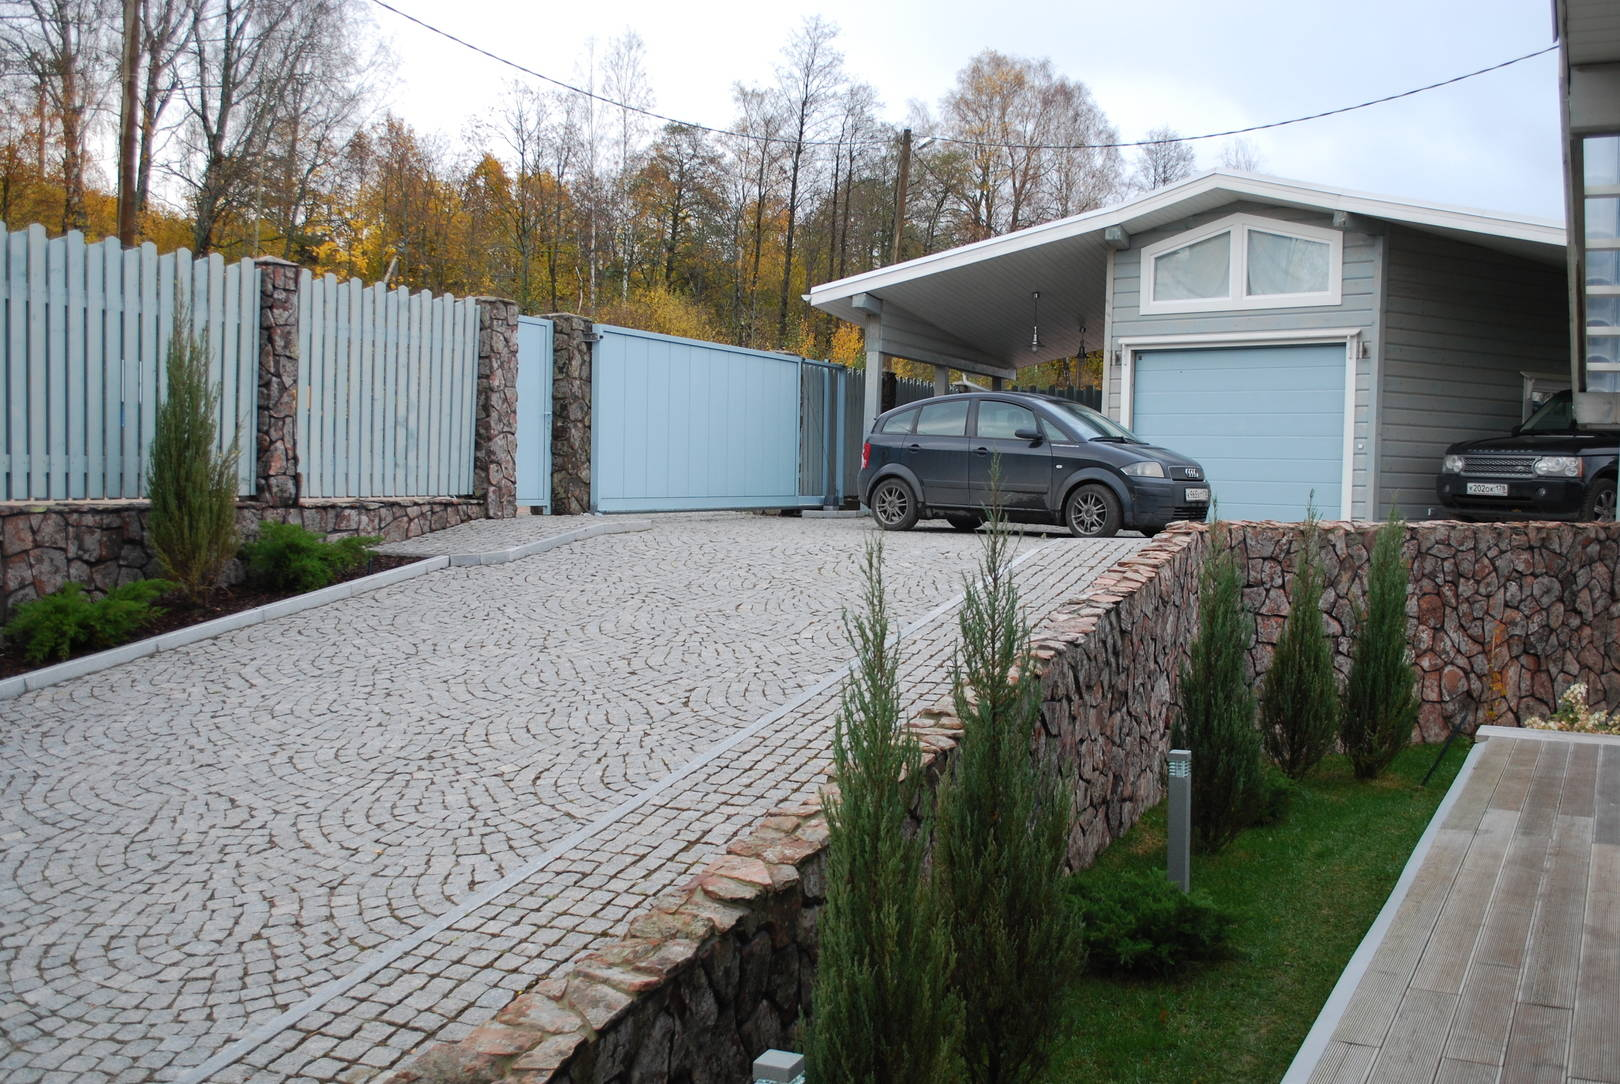 Ландшафтный дизайн частного участка, с перепадом высот в 25 %, в скандинавском стиле.